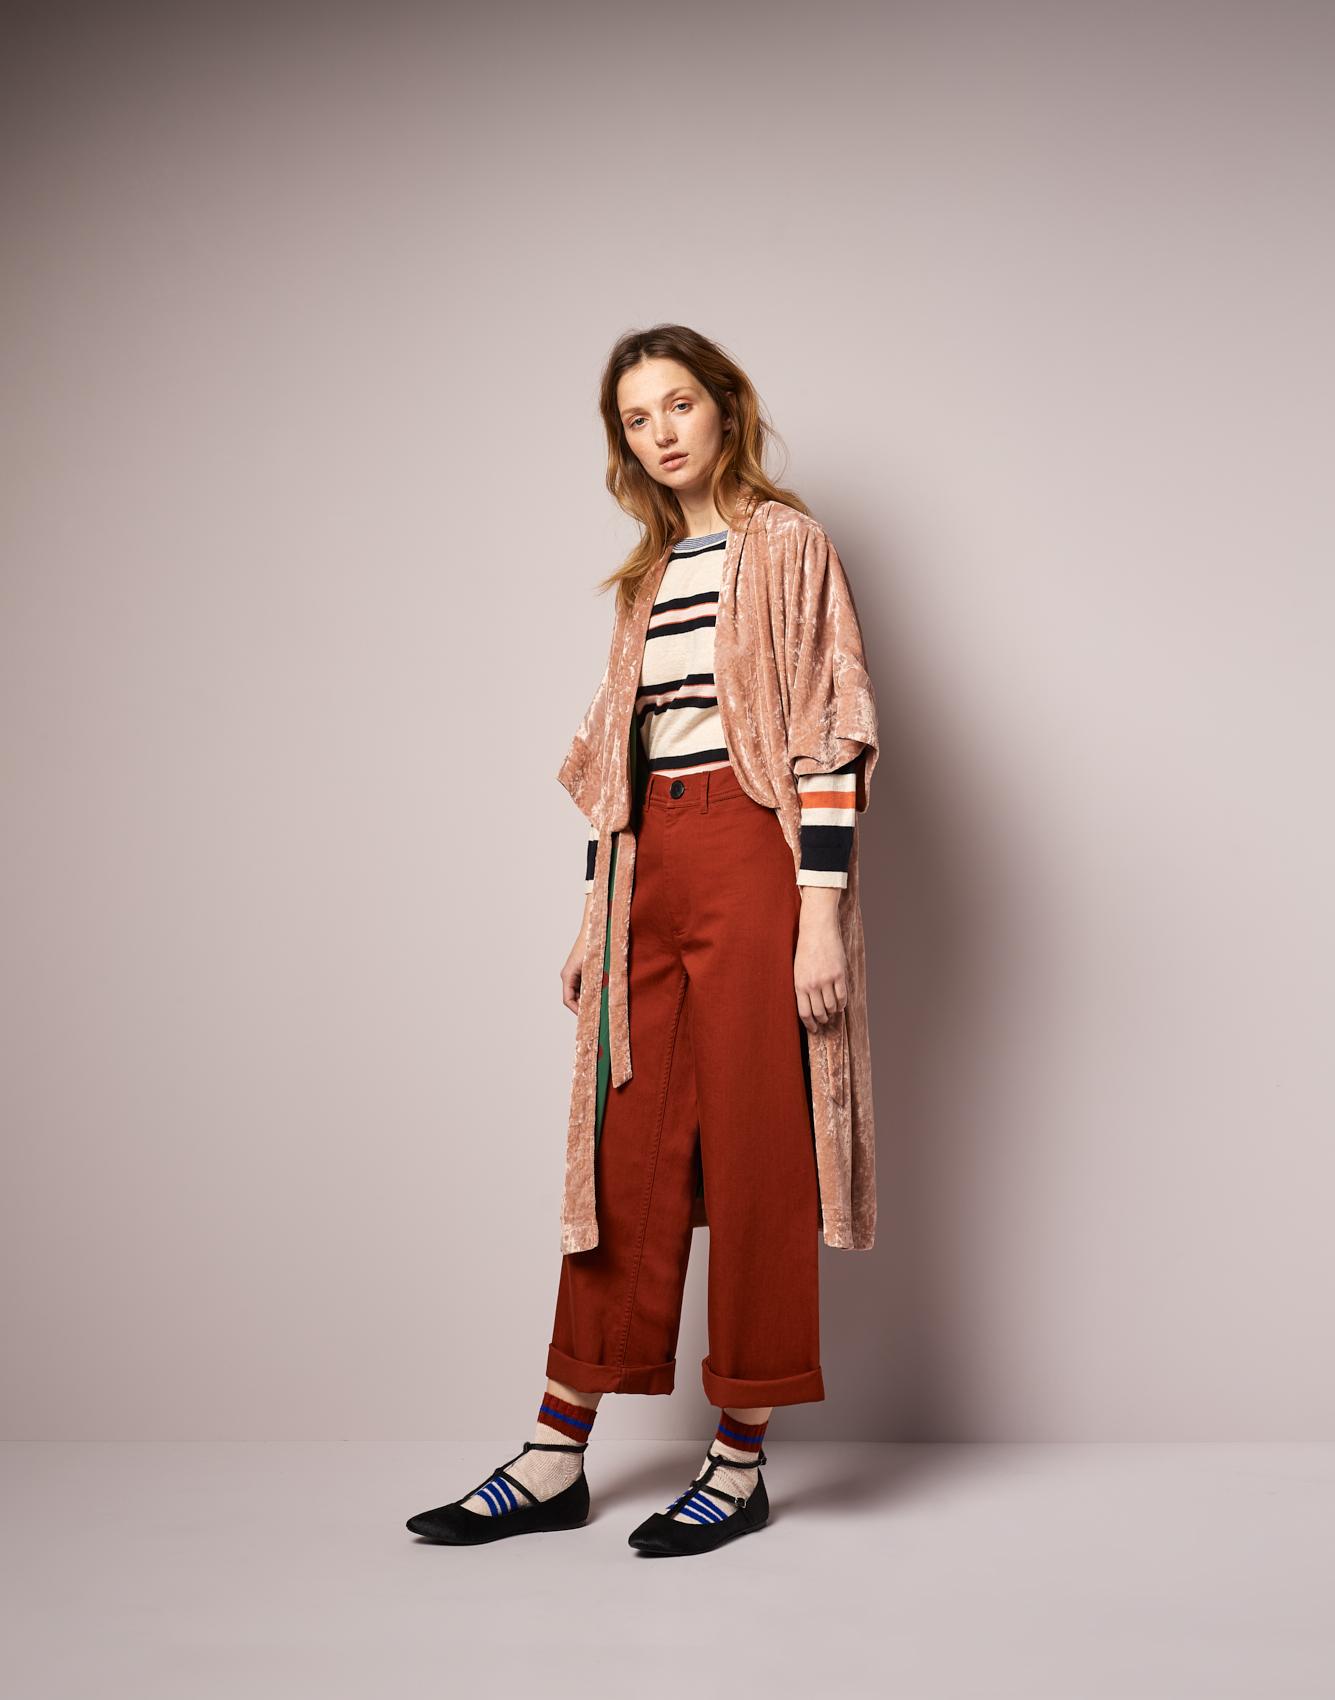 Kimono Foyer  -  Knitwear Gops  -  Pants Lotan